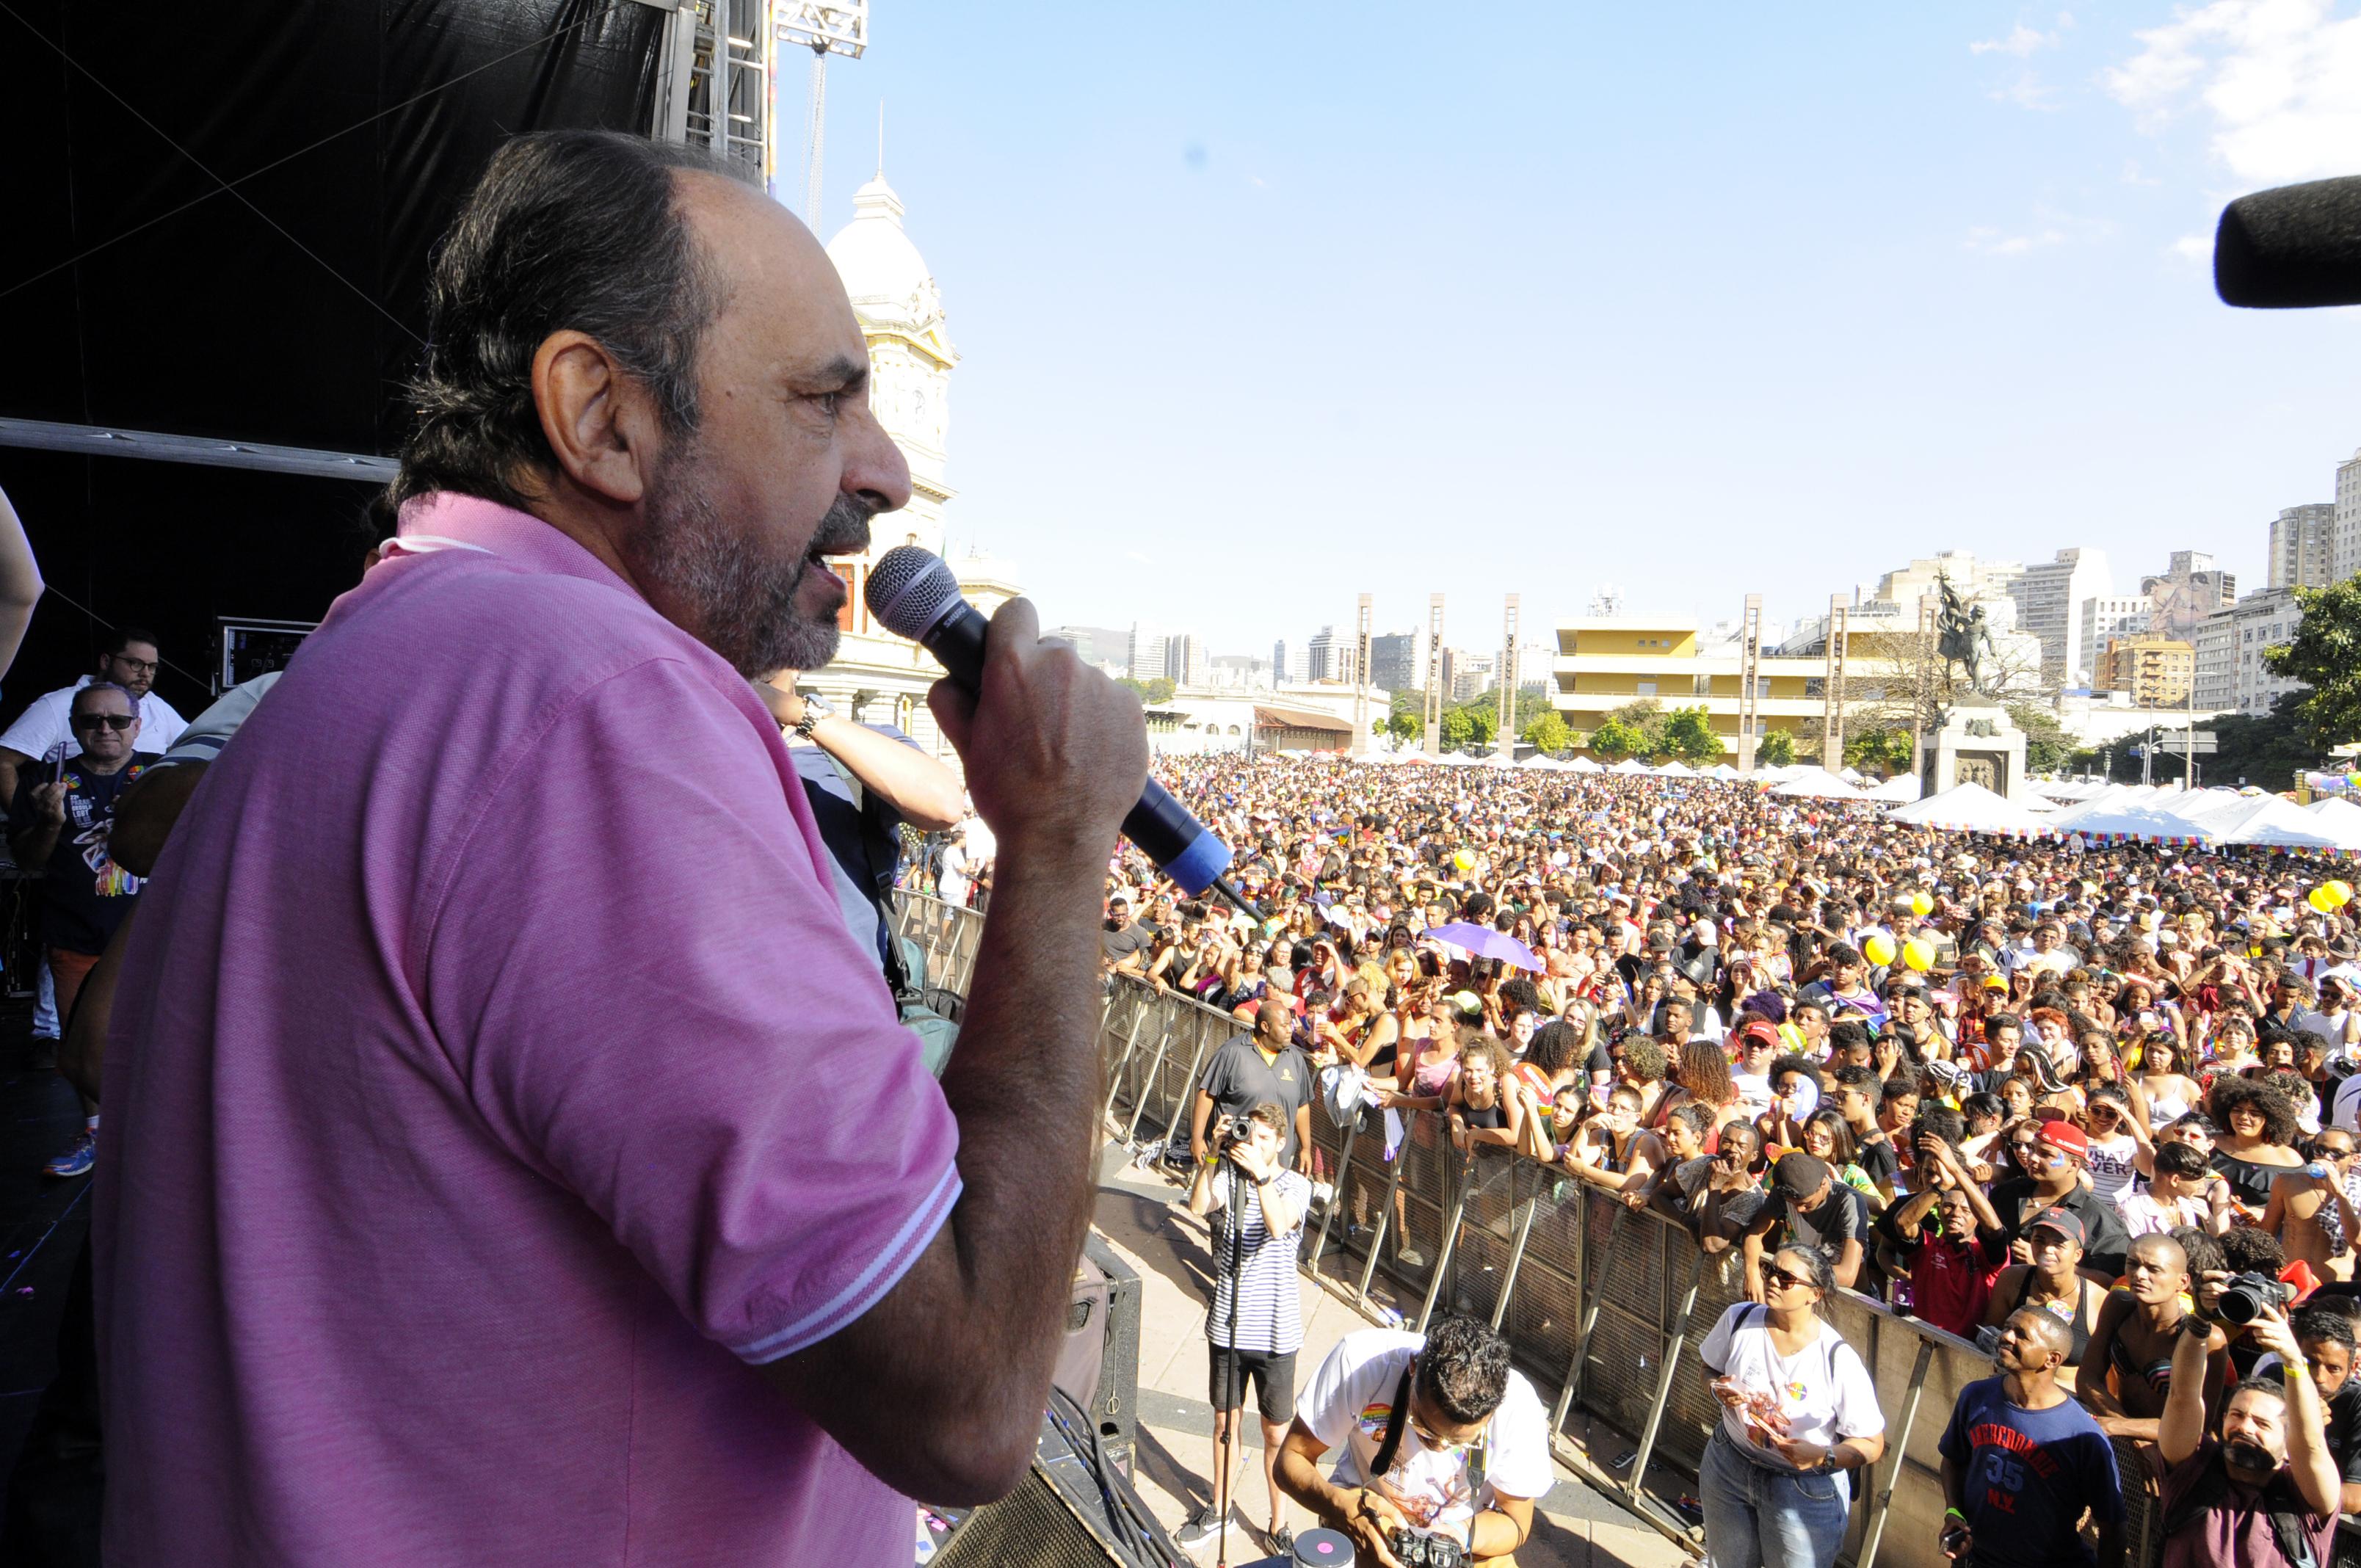 IMAGEM: Datafolha em Belo Horizonte: Kalil tem 60% das intenções de voto